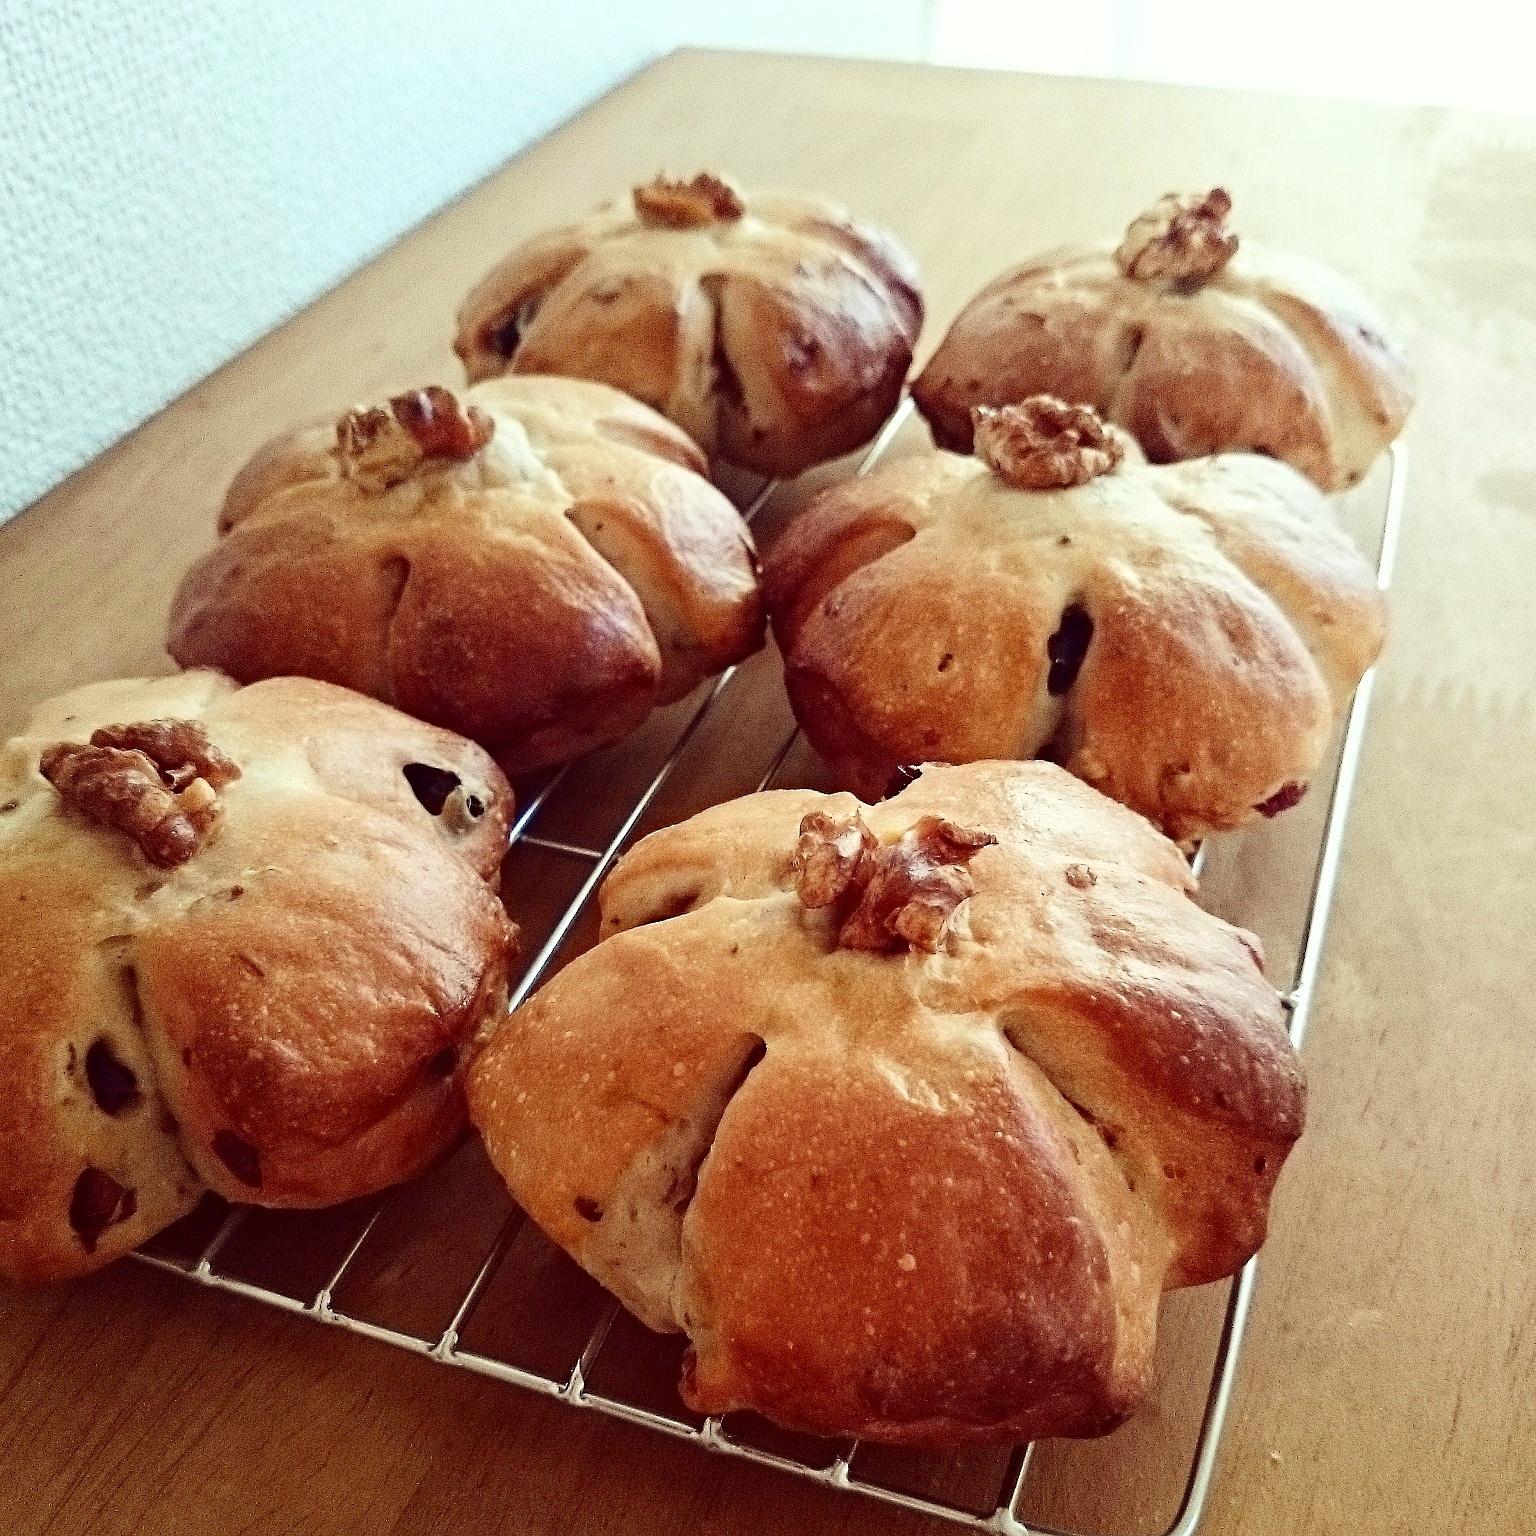 お花らしくなった胡桃とクランベリーのパン・明太子クッペ❁胡桃パンの成形